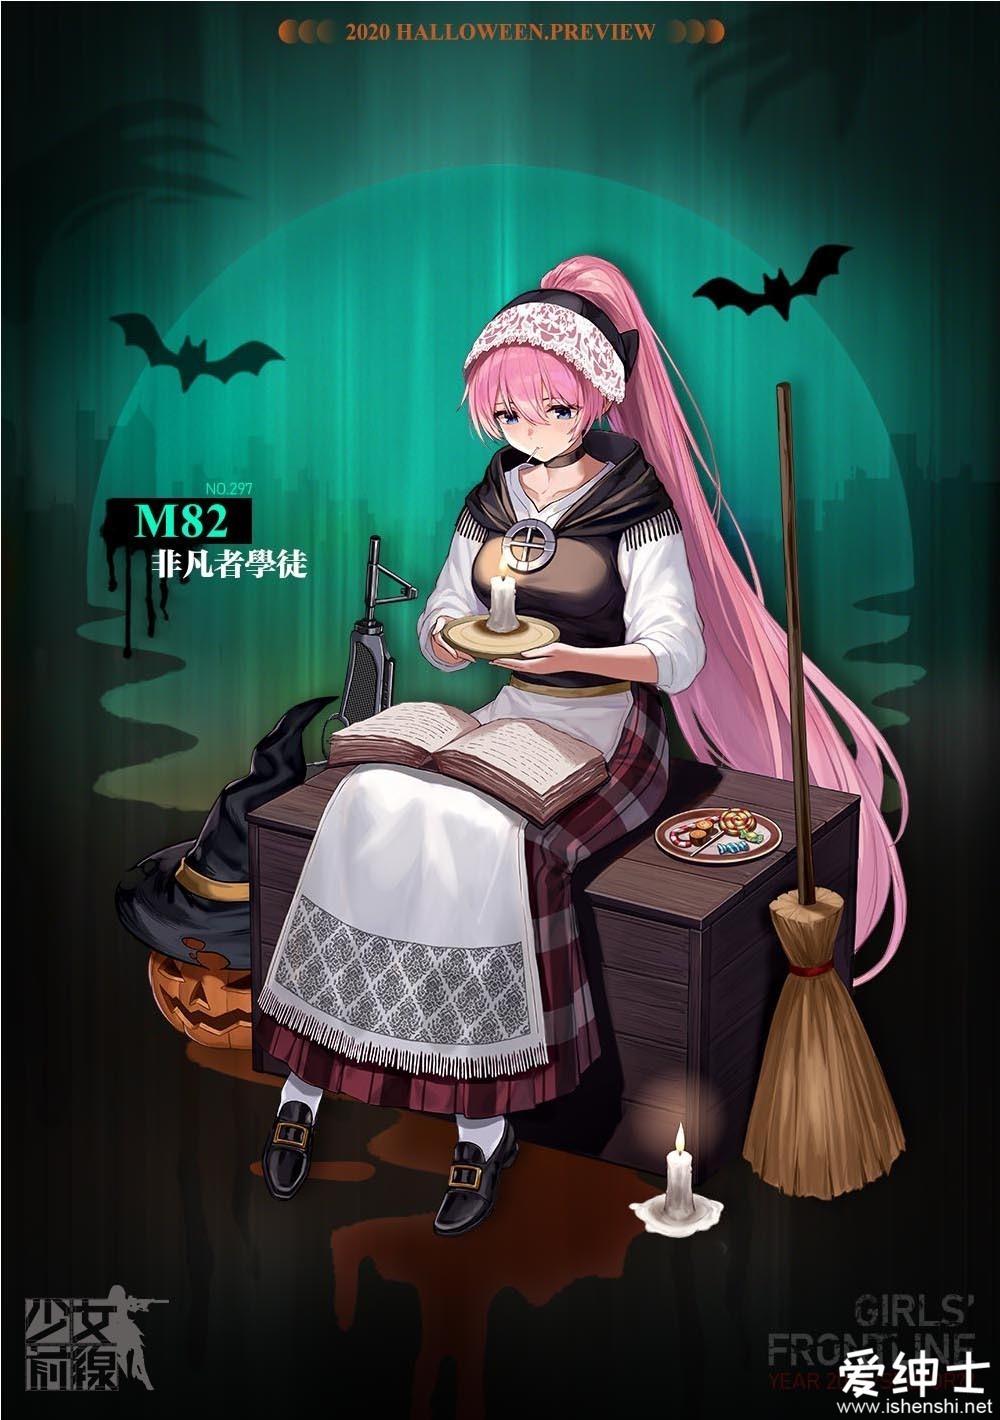 《少女前线》万圣节主题「蚀月记」,多位角色全新时装与主题家具同步开启 宅男游戏